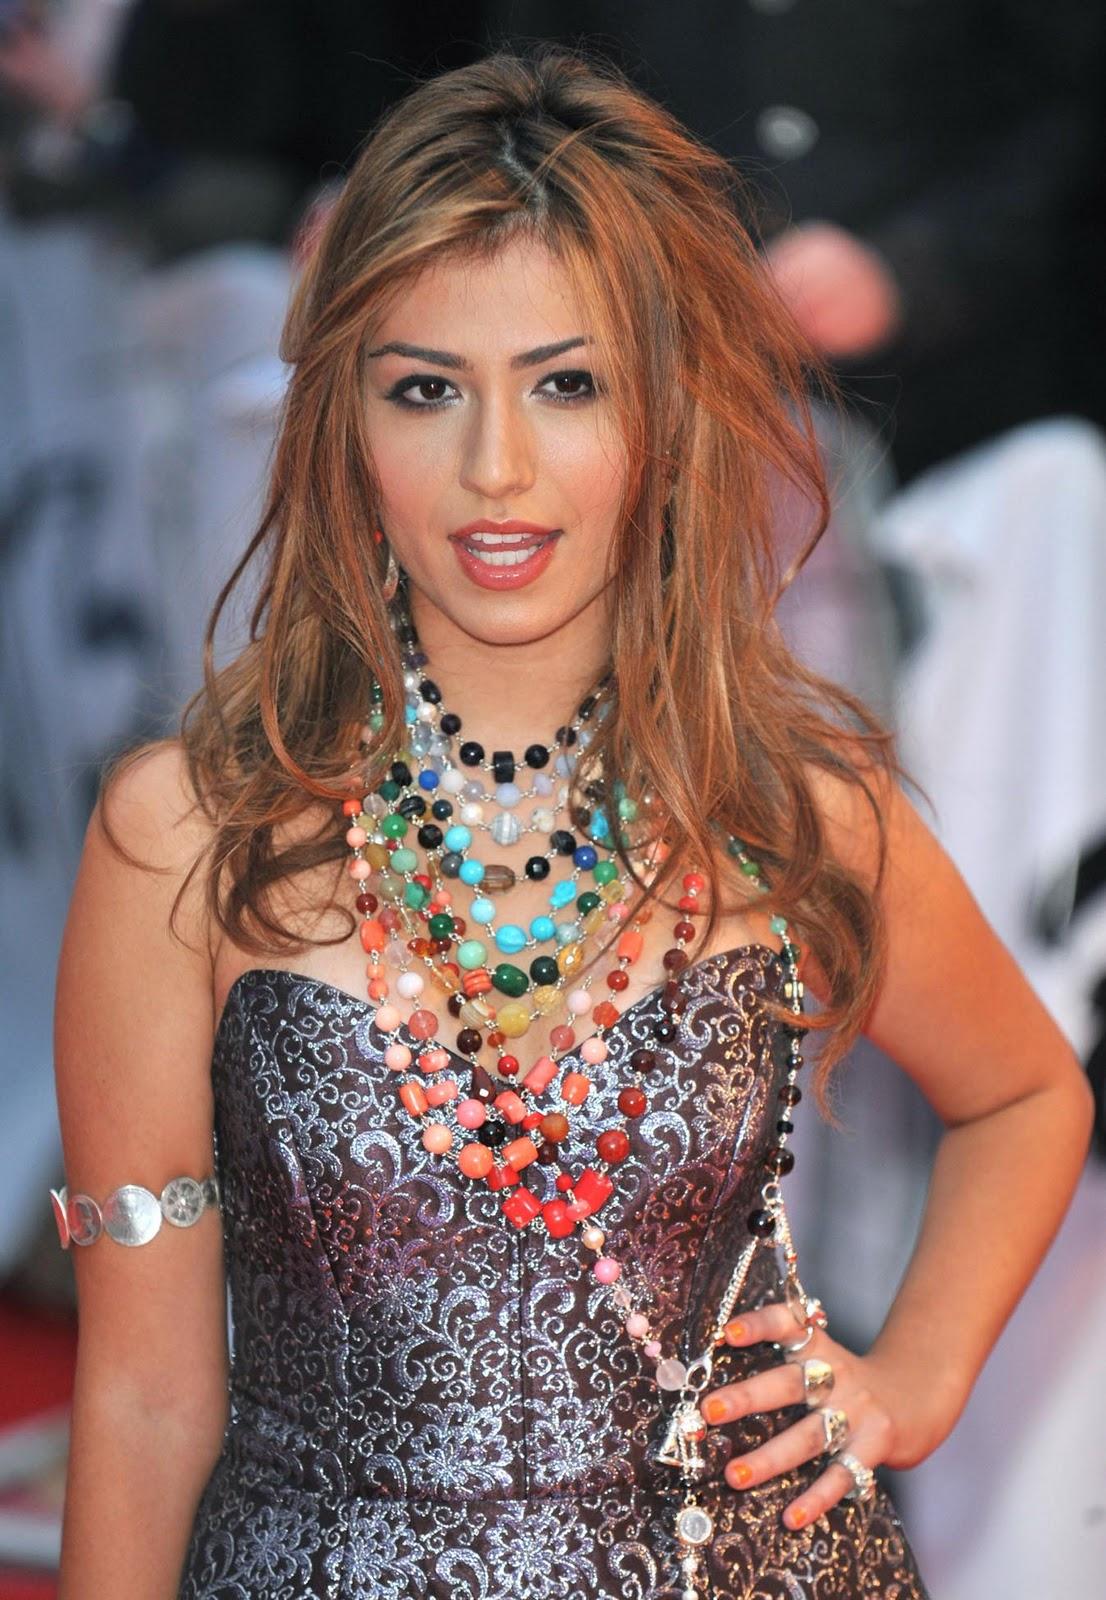 http://1.bp.blogspot.com/_GCAuqodmOE4/TRJgUg2B4XI/AAAAAAAAF4g/U5j_bynnctA/s1600/001_Gabriella_Cilmi_5_The_Brit_Awards_2009_8_18.2.09.jpg